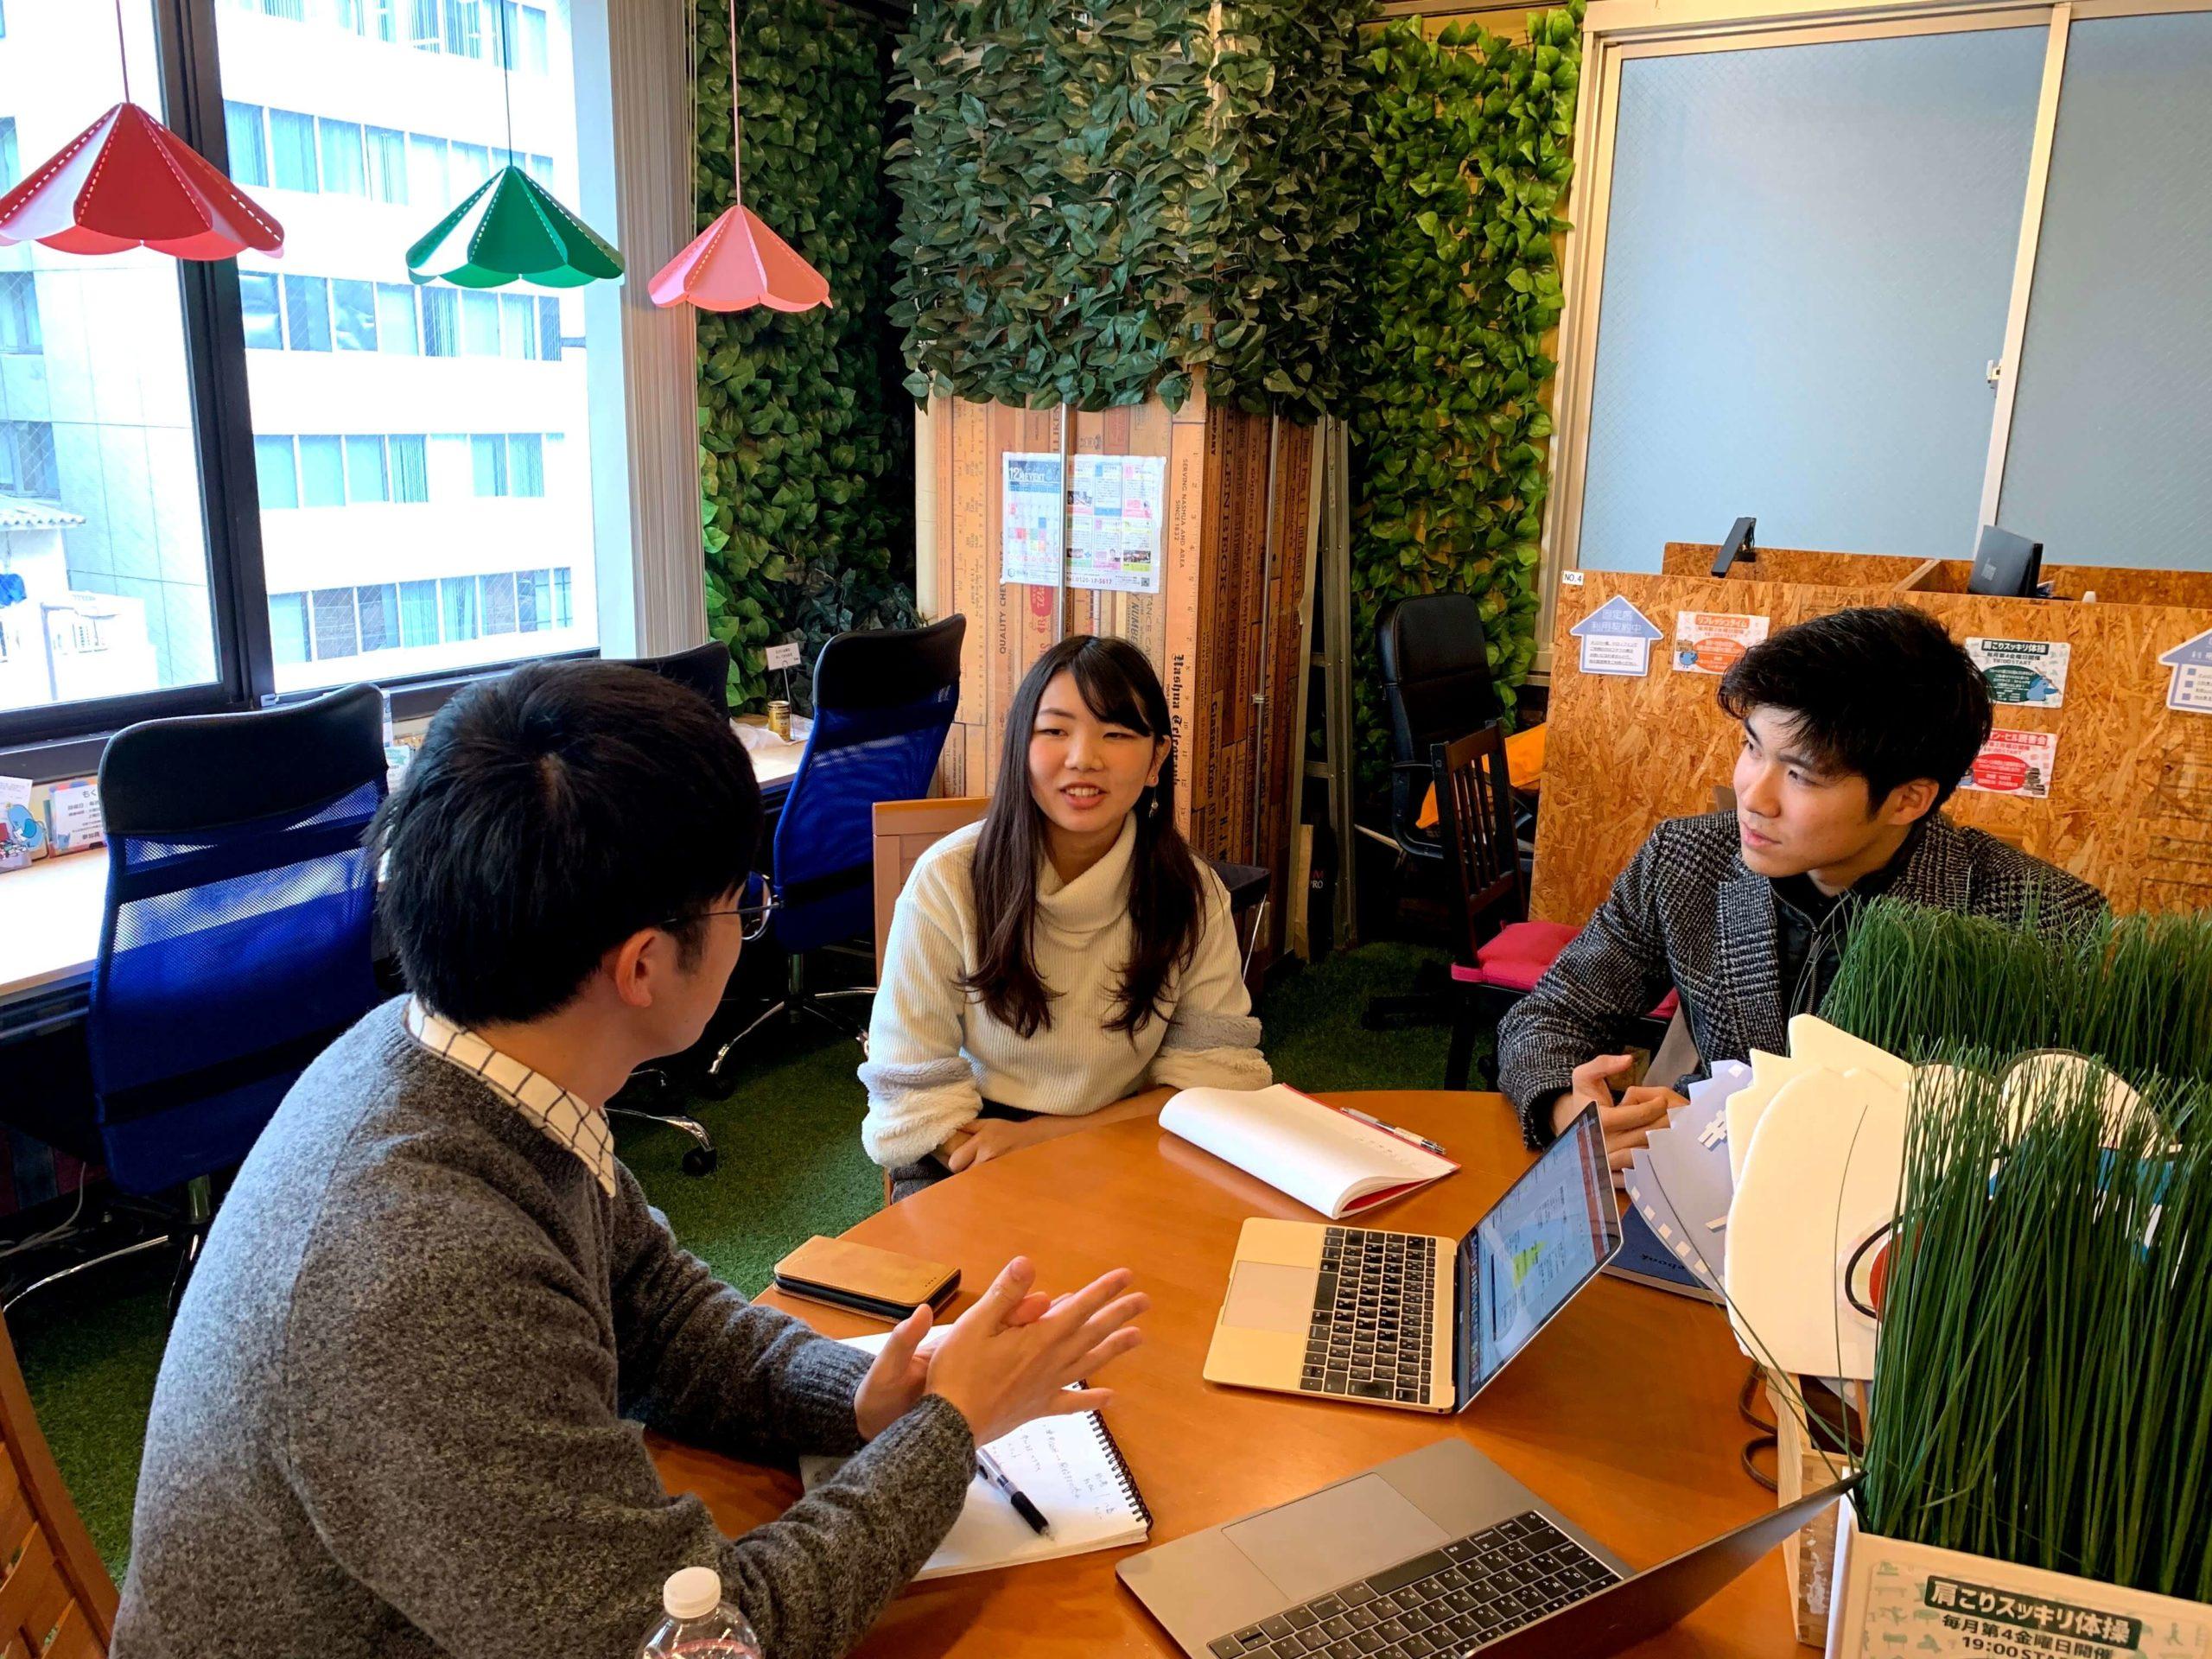 「就活の教科書」編集長 岡本と一緒にインタビューがスタート